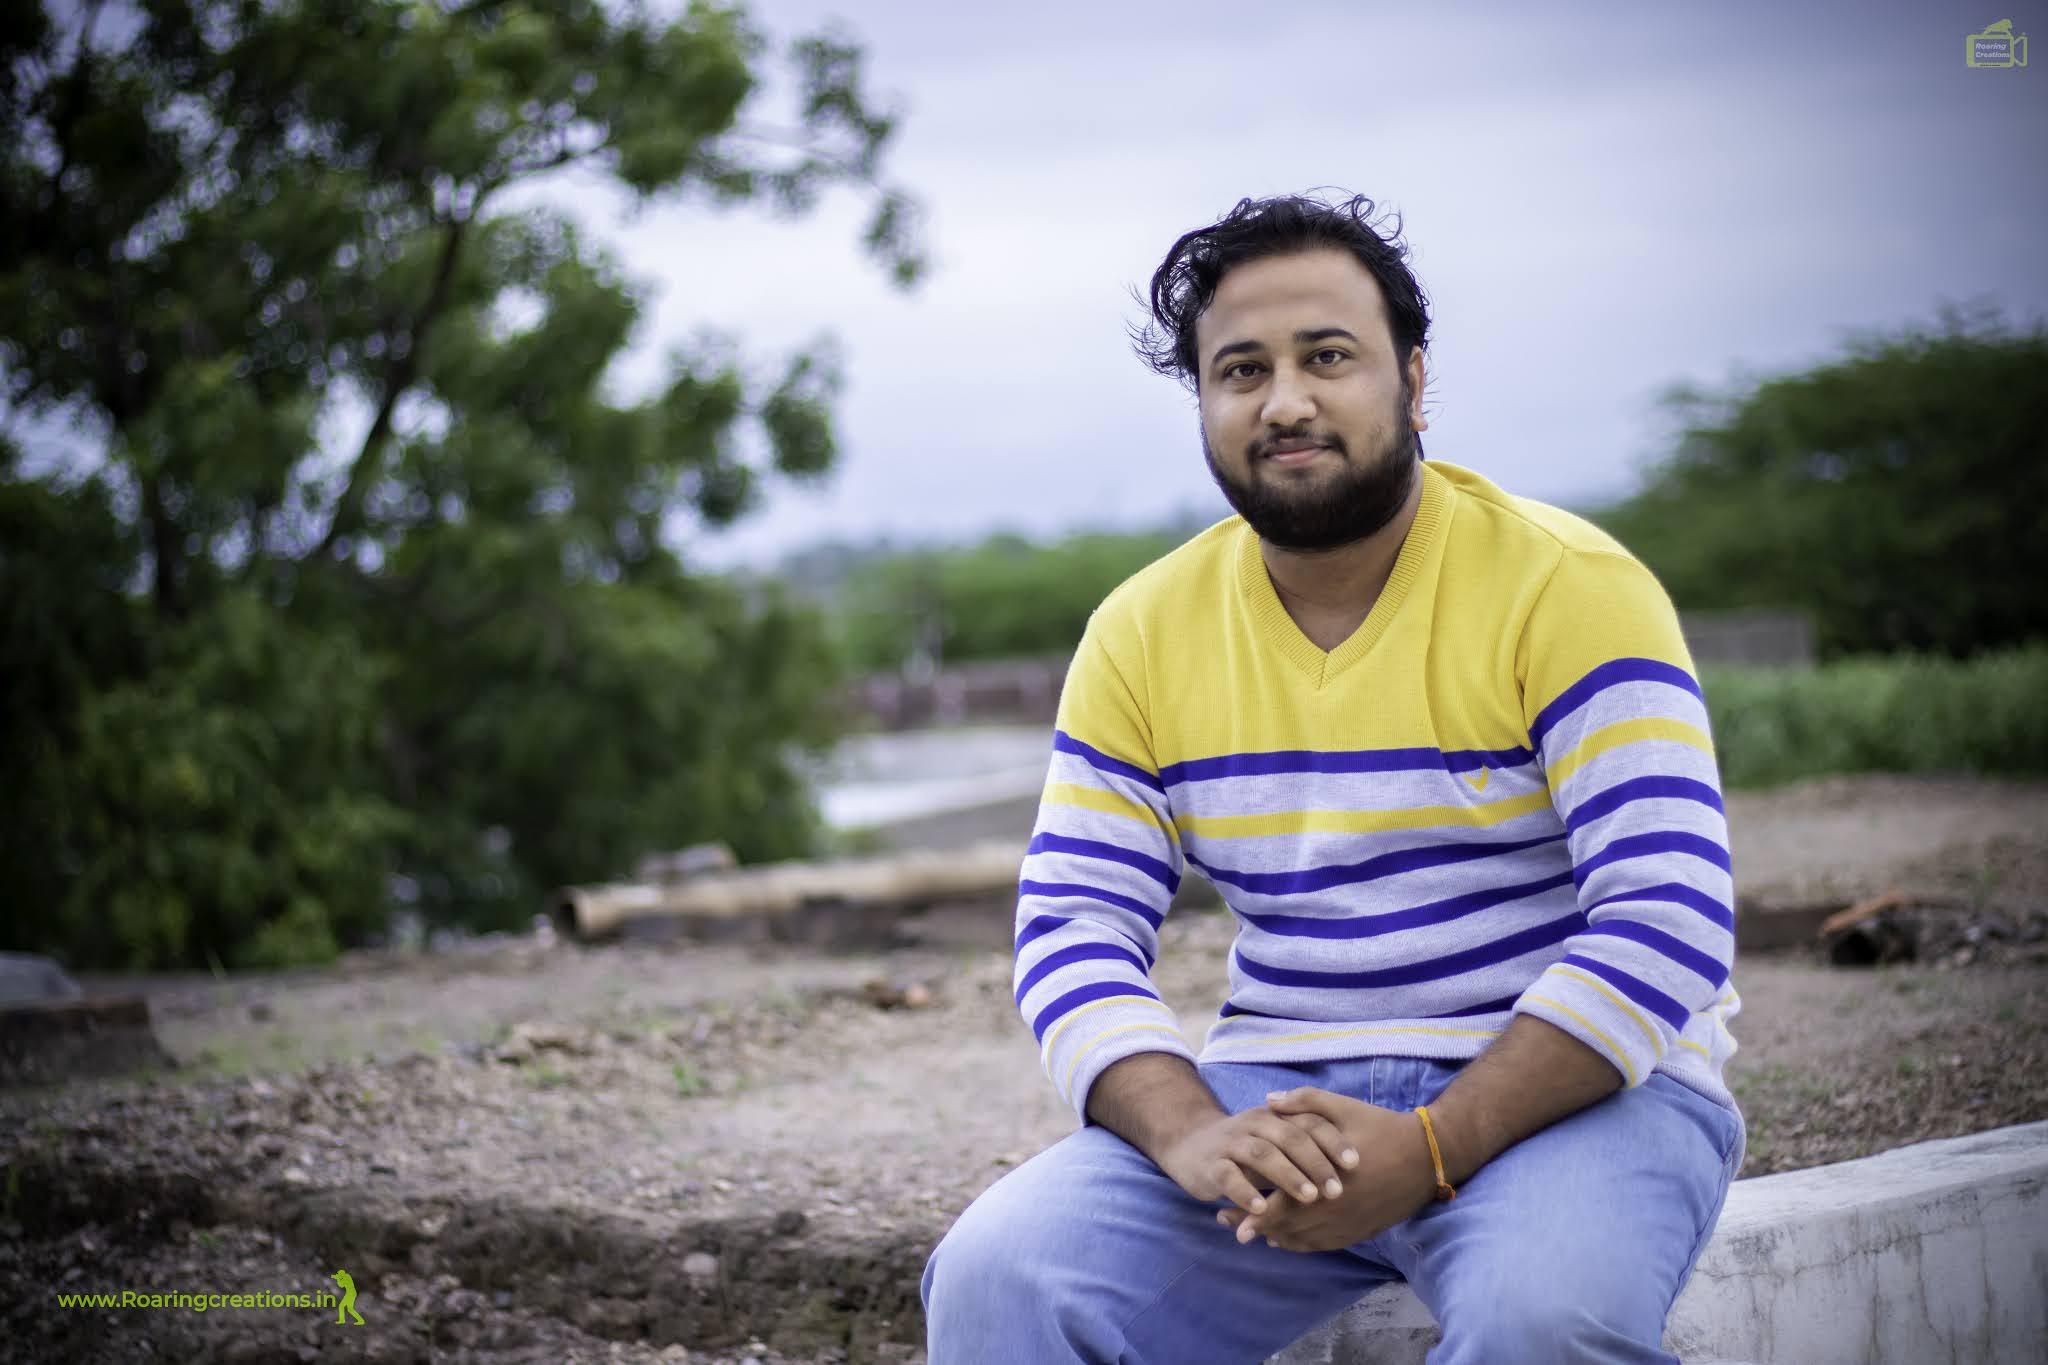 ನಿನ್ನೊಂದಿಗೆ ನೀನಿದ್ದರೆ ಸಾಕು - One Minute Motivation in Kannada - kannada inspiration kavan and shayari